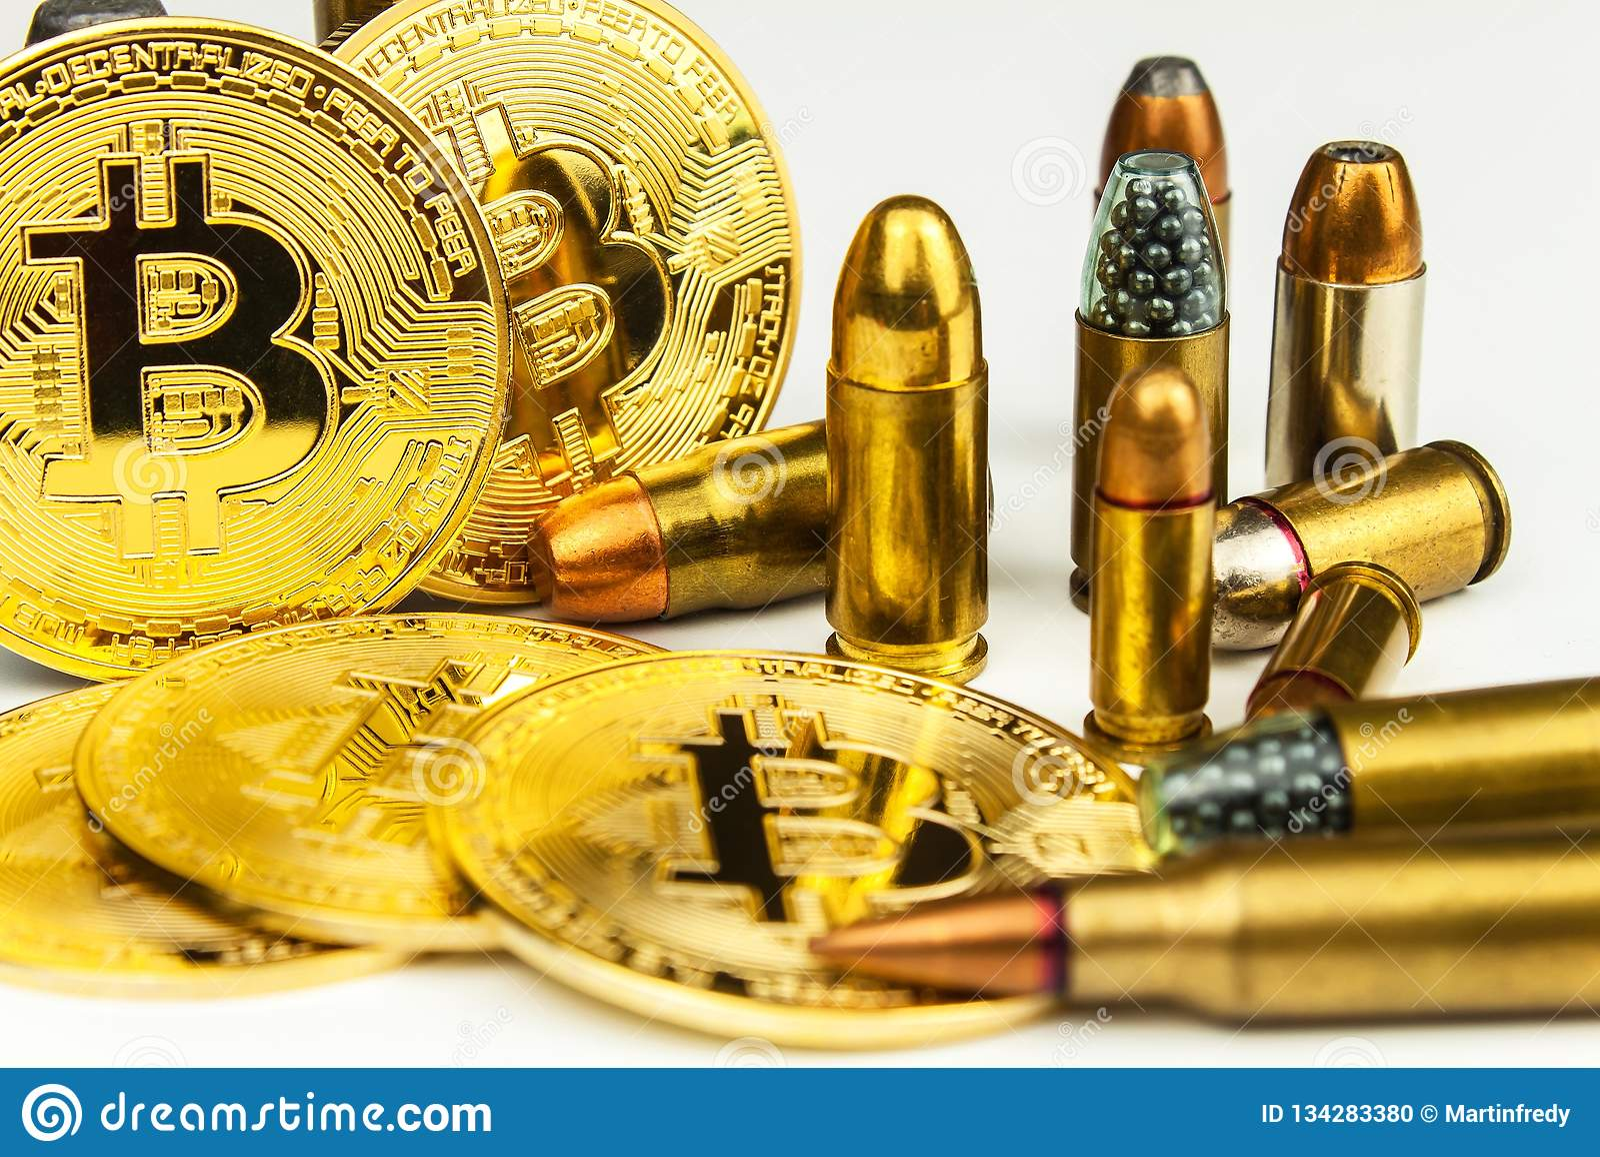 bitcoin commercio illegale